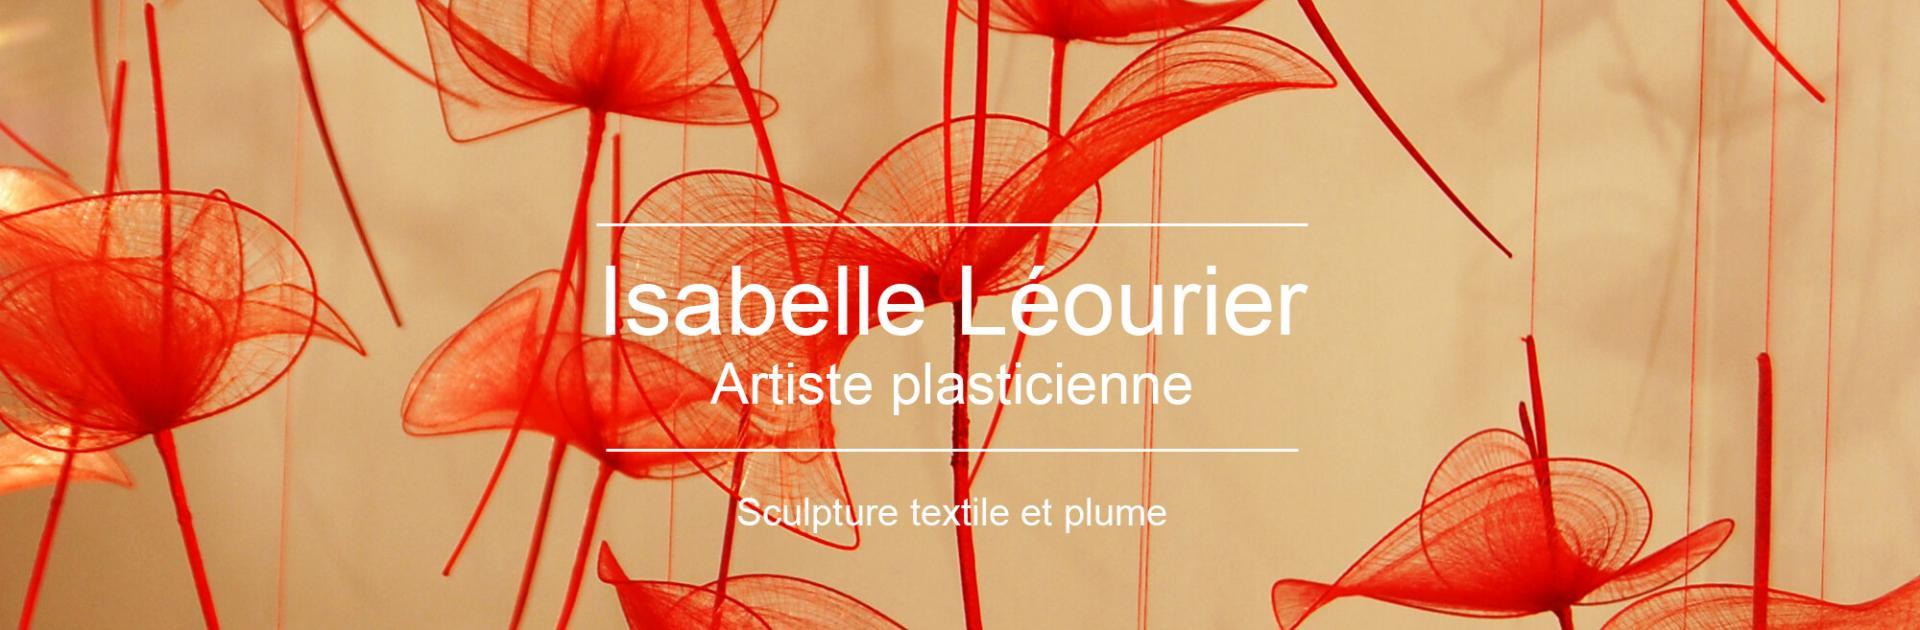 Isabelle Léourier